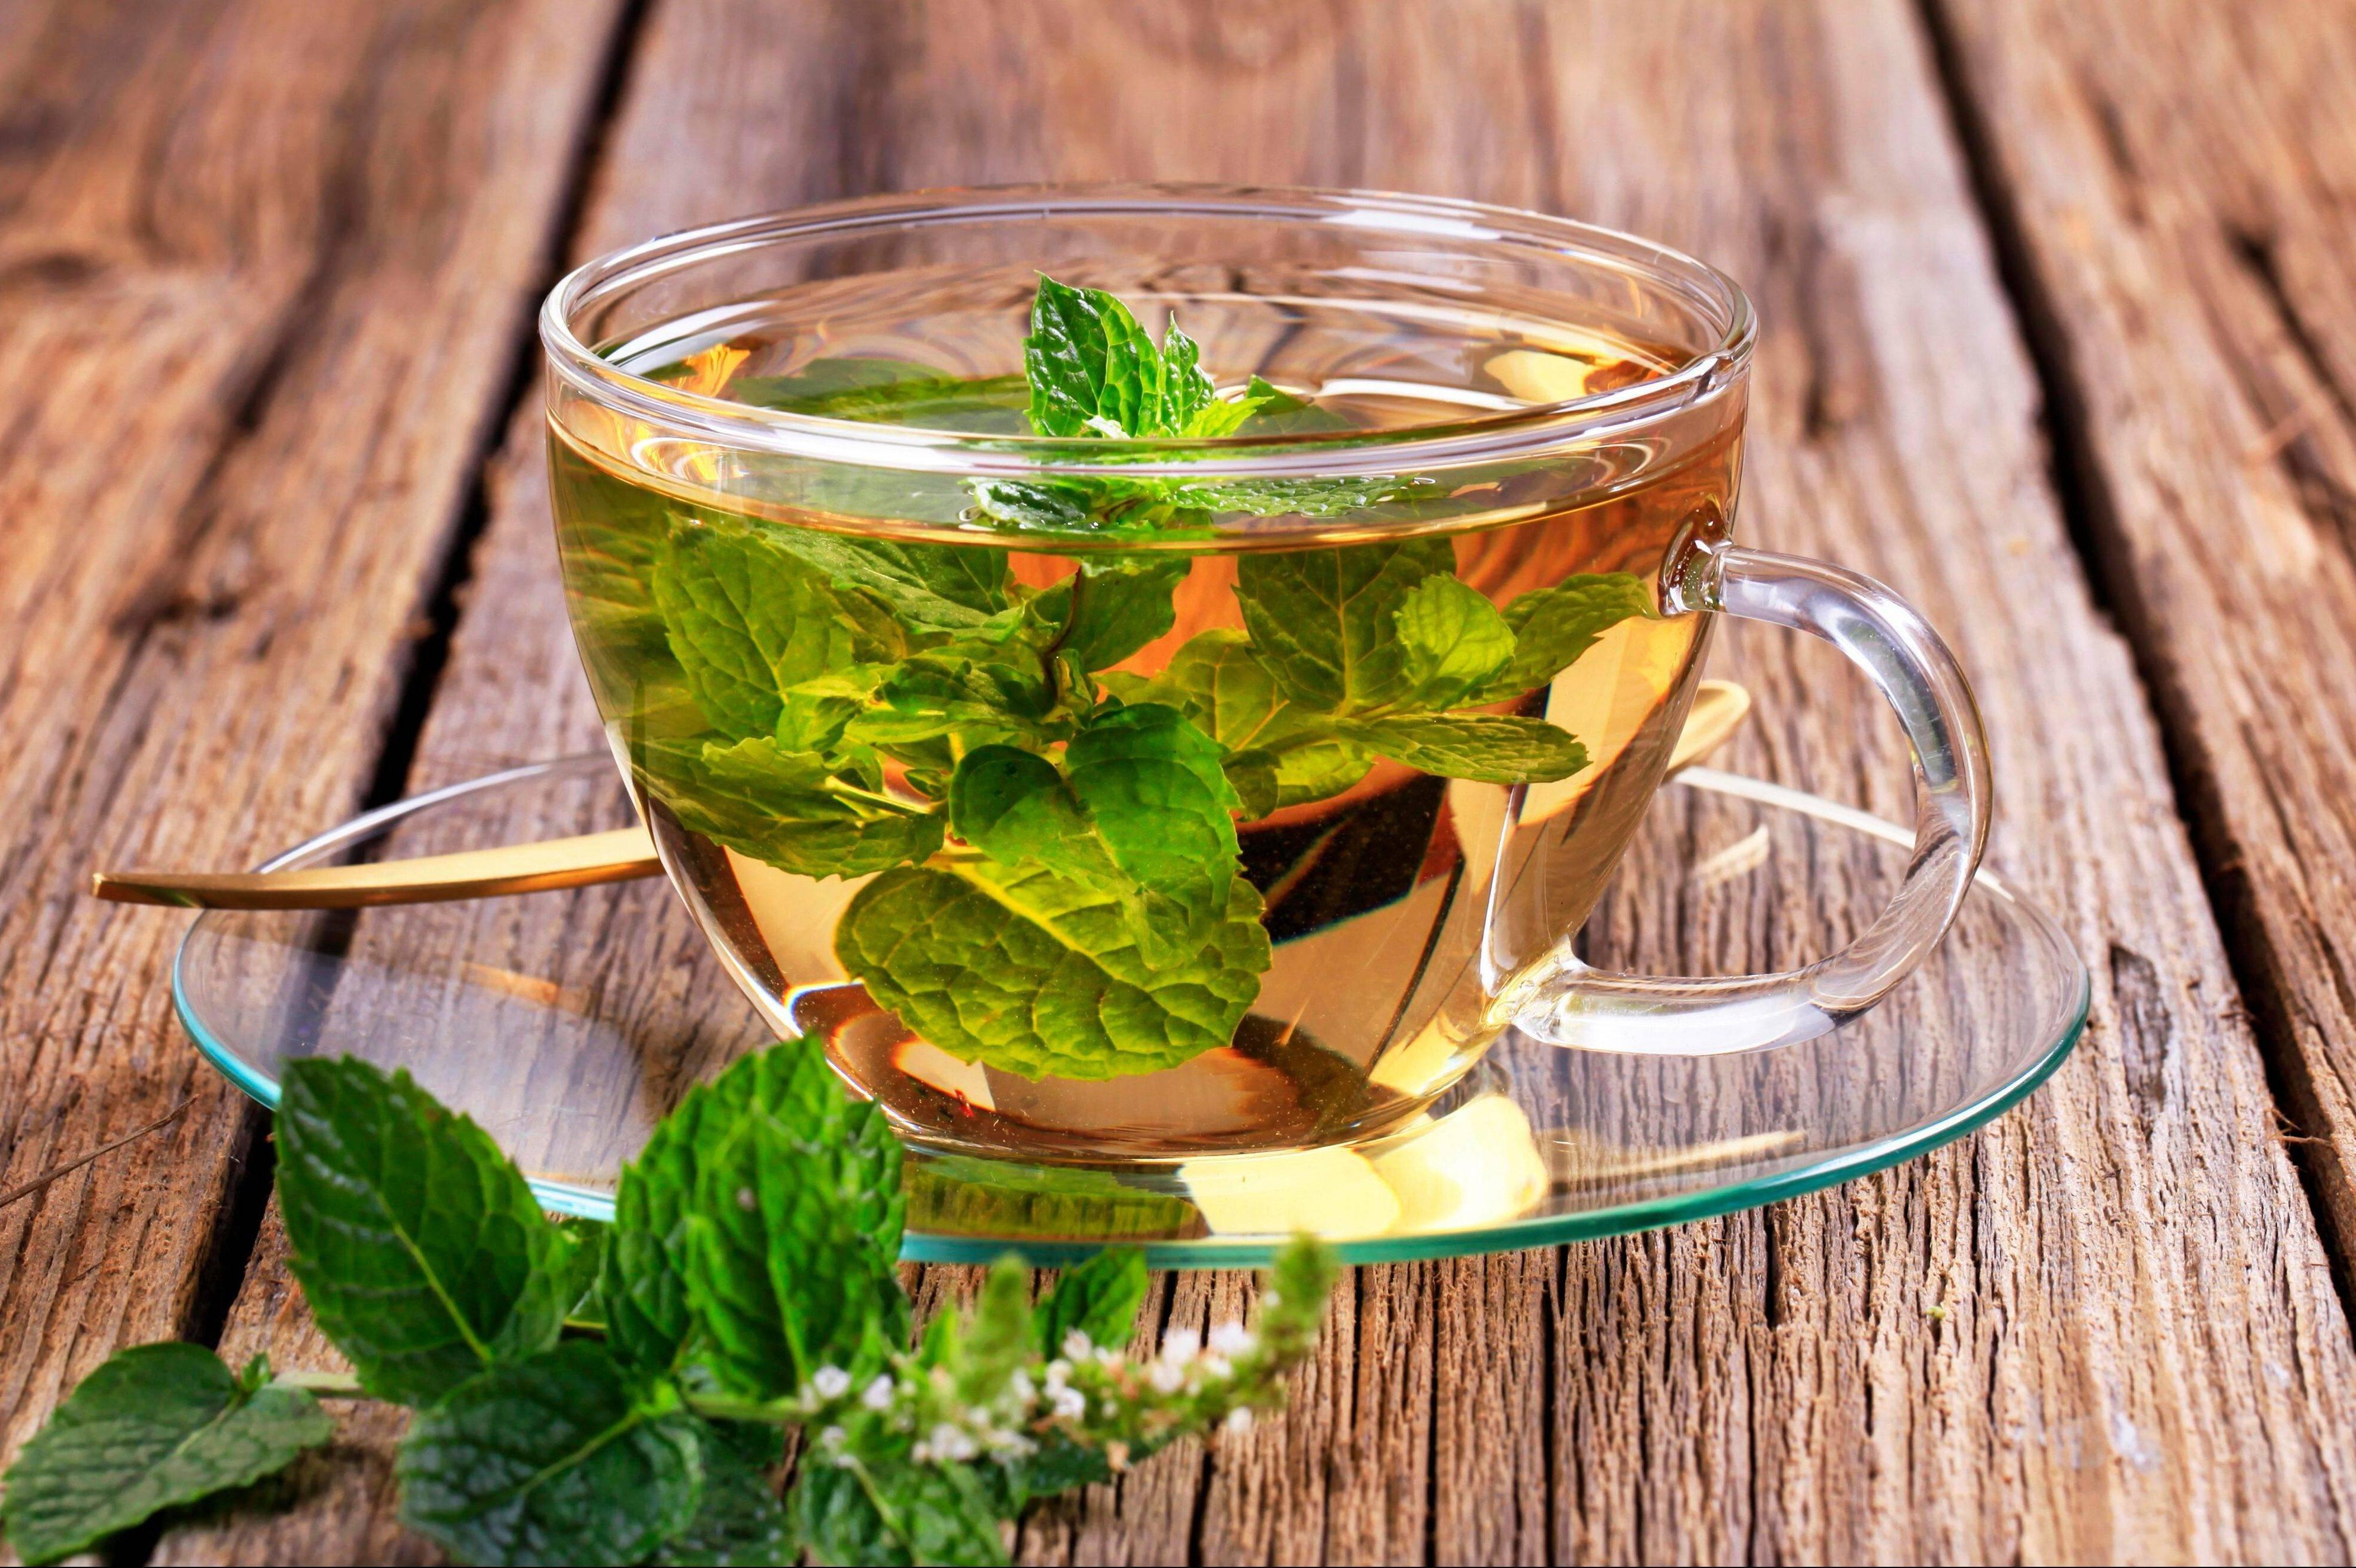 Мята при беременности: можно ли чай с ней на ранних и поздних сроках, вредны ли отвары, противопоказания и отзывы